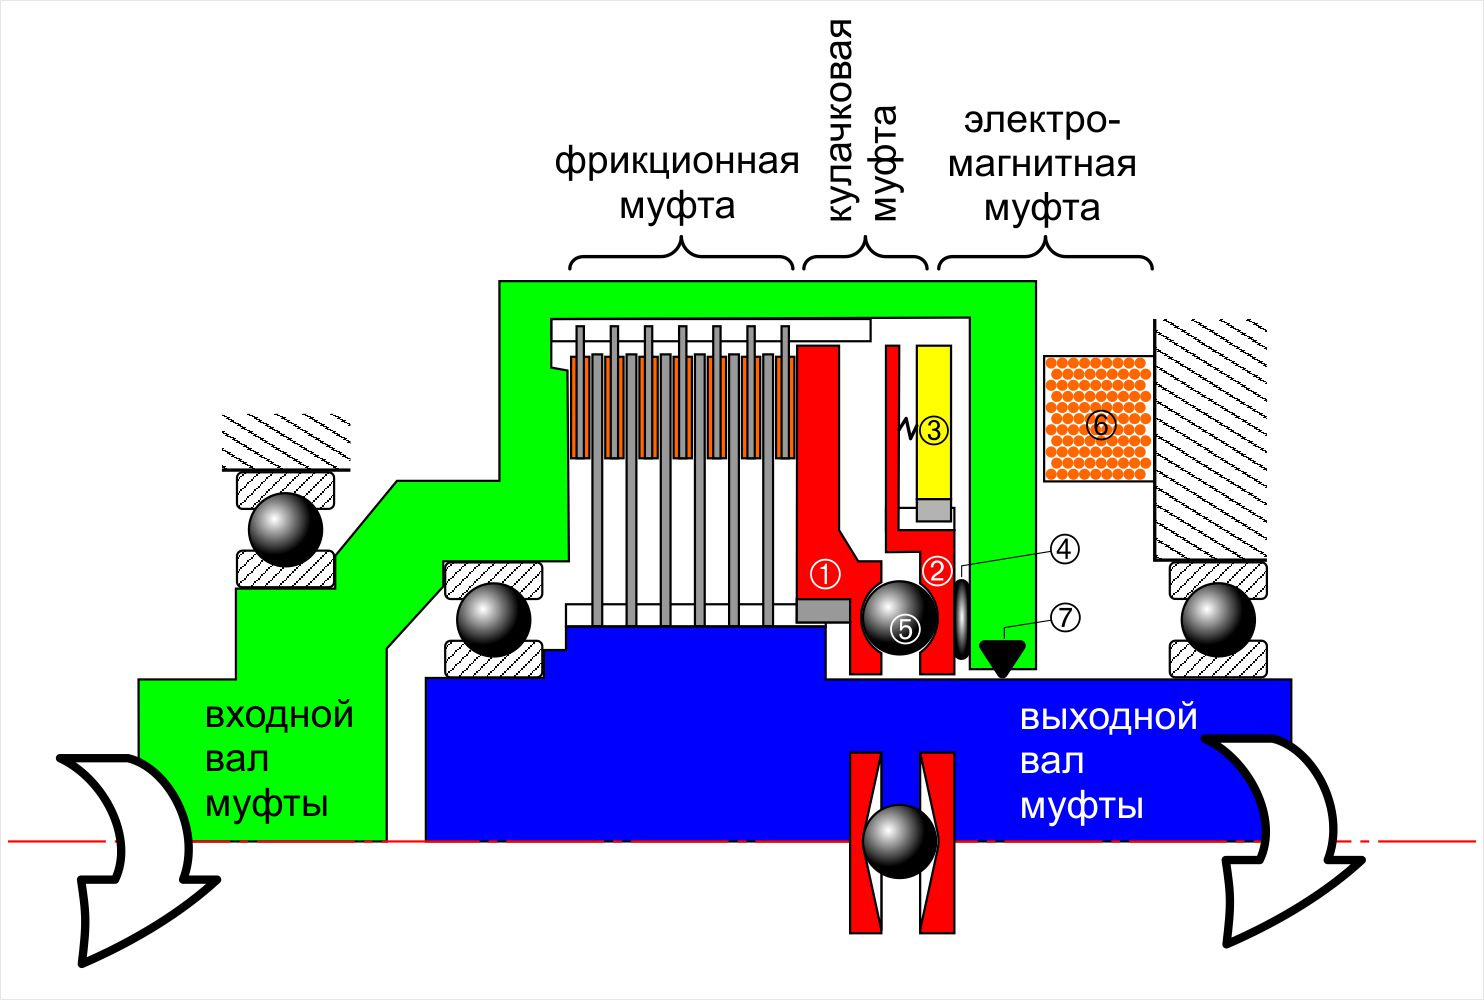 Электромагнитные порошковые муфты и тормоза. что такое муфта электромагнитная? применение и ремонт тормозные электромагниты и электромагнитные муфты